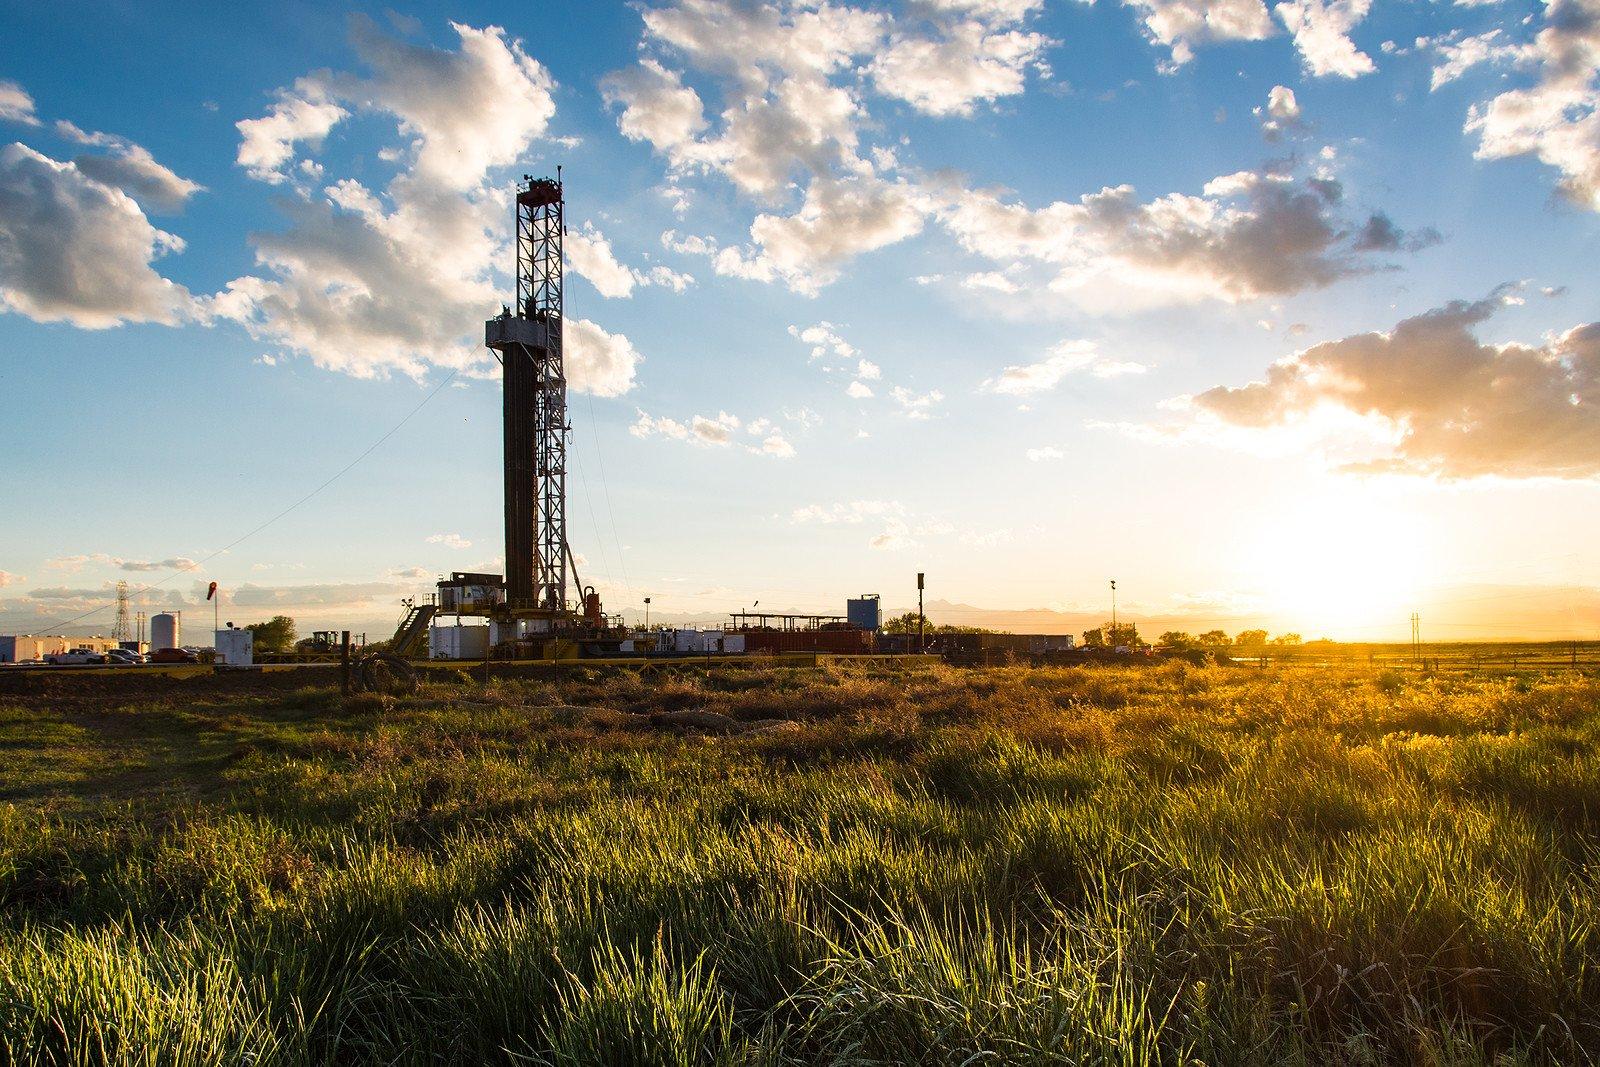 El regulador de energía de Texas supera los objetivos de inspección del sitio